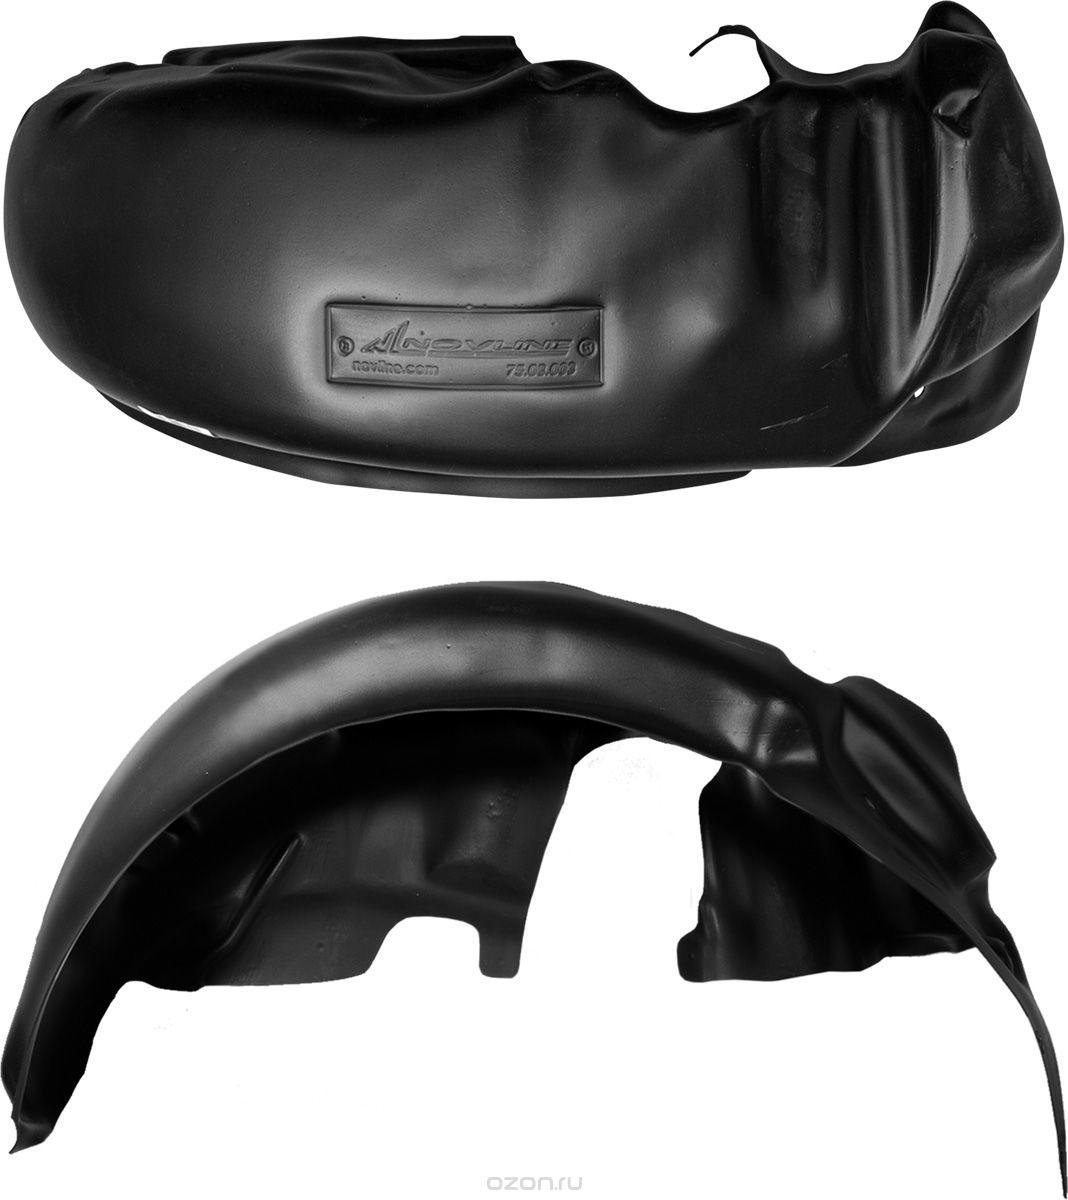 Подкрылок Novline-Autofamily, для HONDA Civic 4D, 2012->, задний правыйNLL.18.17.004Идеальная защита колесной ниши. Локеры разработаны с применением цифровых технологий, гарантируют максимальную повторяемость поверхности арки. Изделия устанавливаются без нарушения лакокрасочного покрытия автомобиля, каждый подкрылок комплектуется крепежом. Уважаемые клиенты, обращаем ваше внимание, что фотографии на подкрылки универсальные и не отражают реальную форму изделия. При этом само изделие идет точно под размер указанного автомобиля.